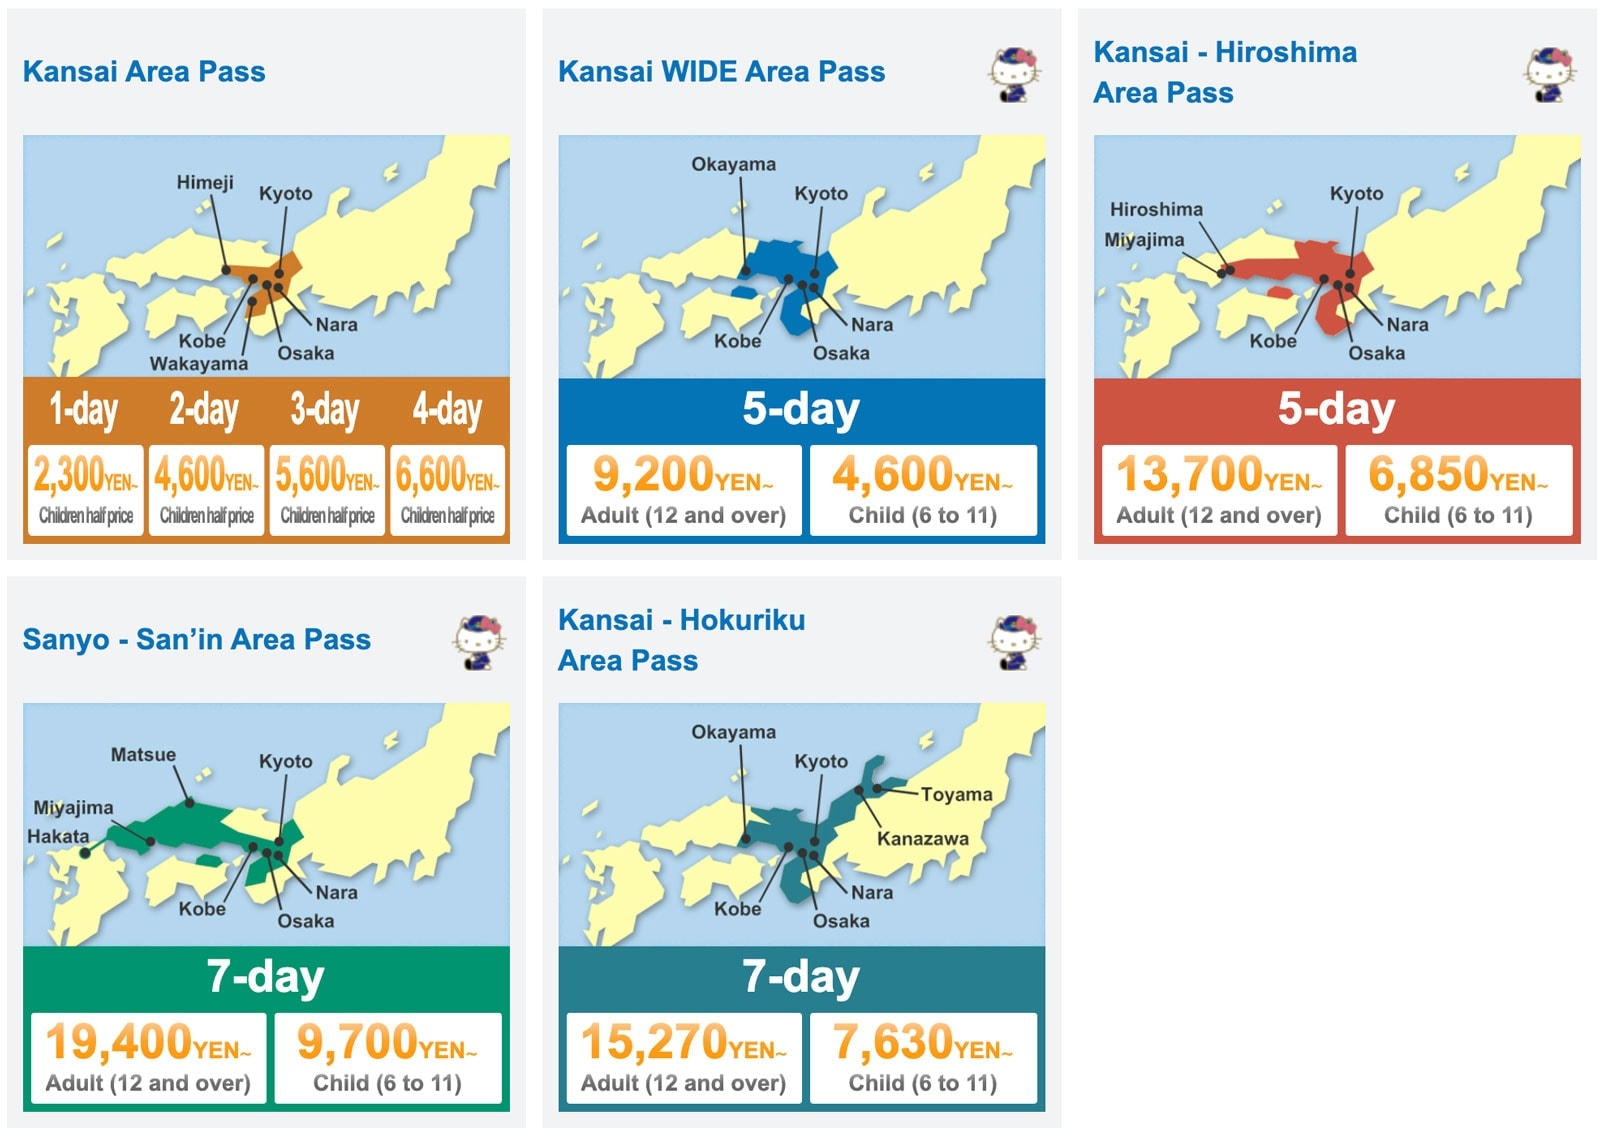 รีวิว ภูมิภาคคันไซ (Kansai) เที่ยวญี่ปุ่นแบบปังๆ!